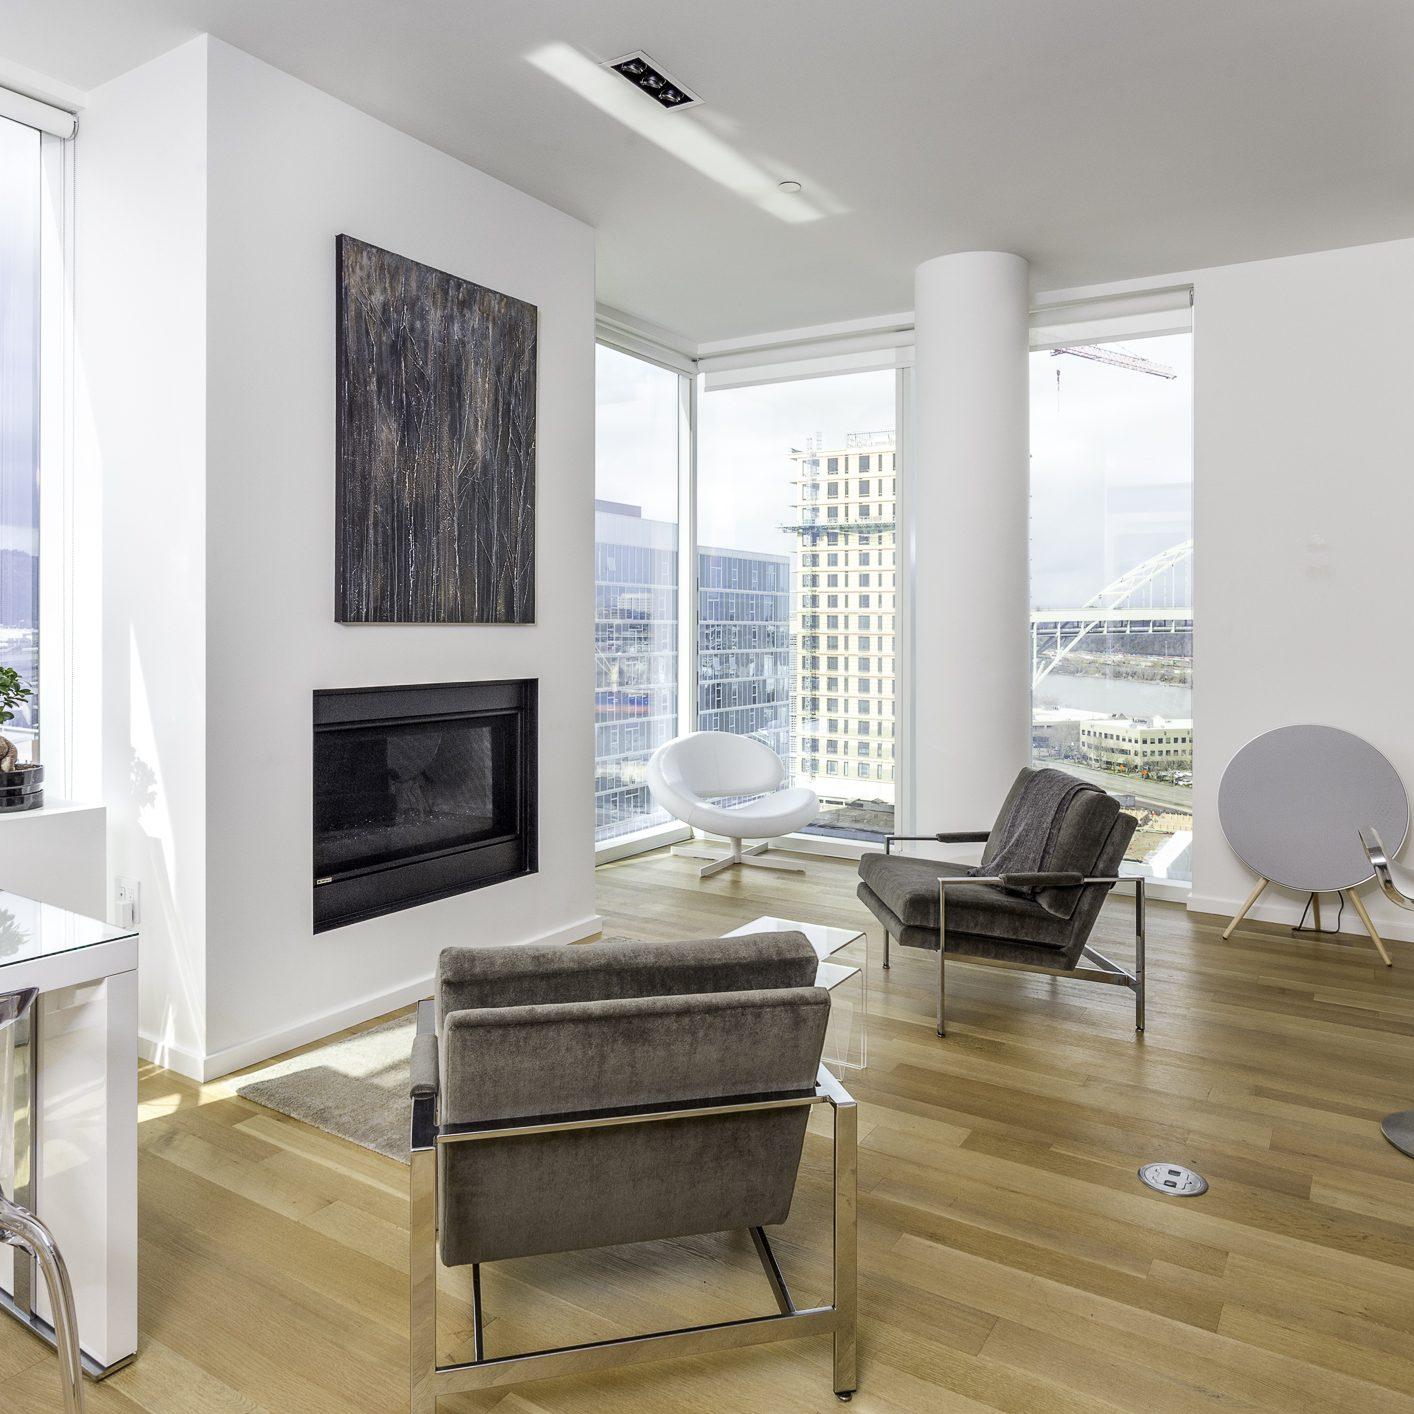 Living Room in a Portland Cosmopolitan Condo